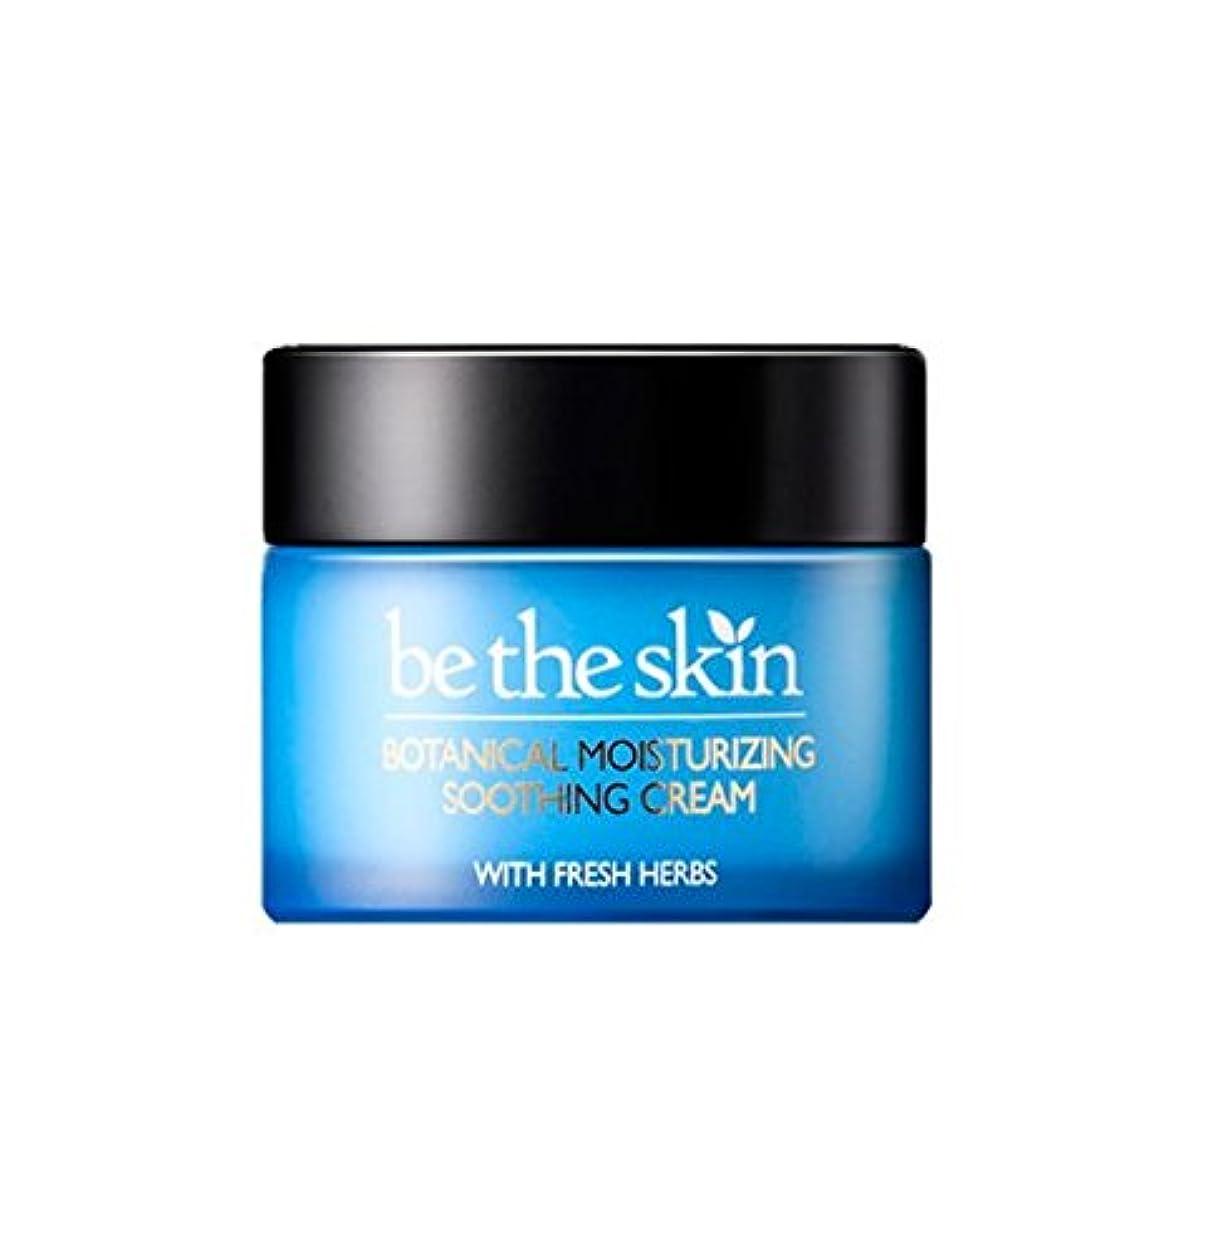 残り物爆弾Be the Skin ボタニカル モイスチャライジング スージングクリーム / Botanical Moisturizing Soothing Cream (50ml) [並行輸入品]